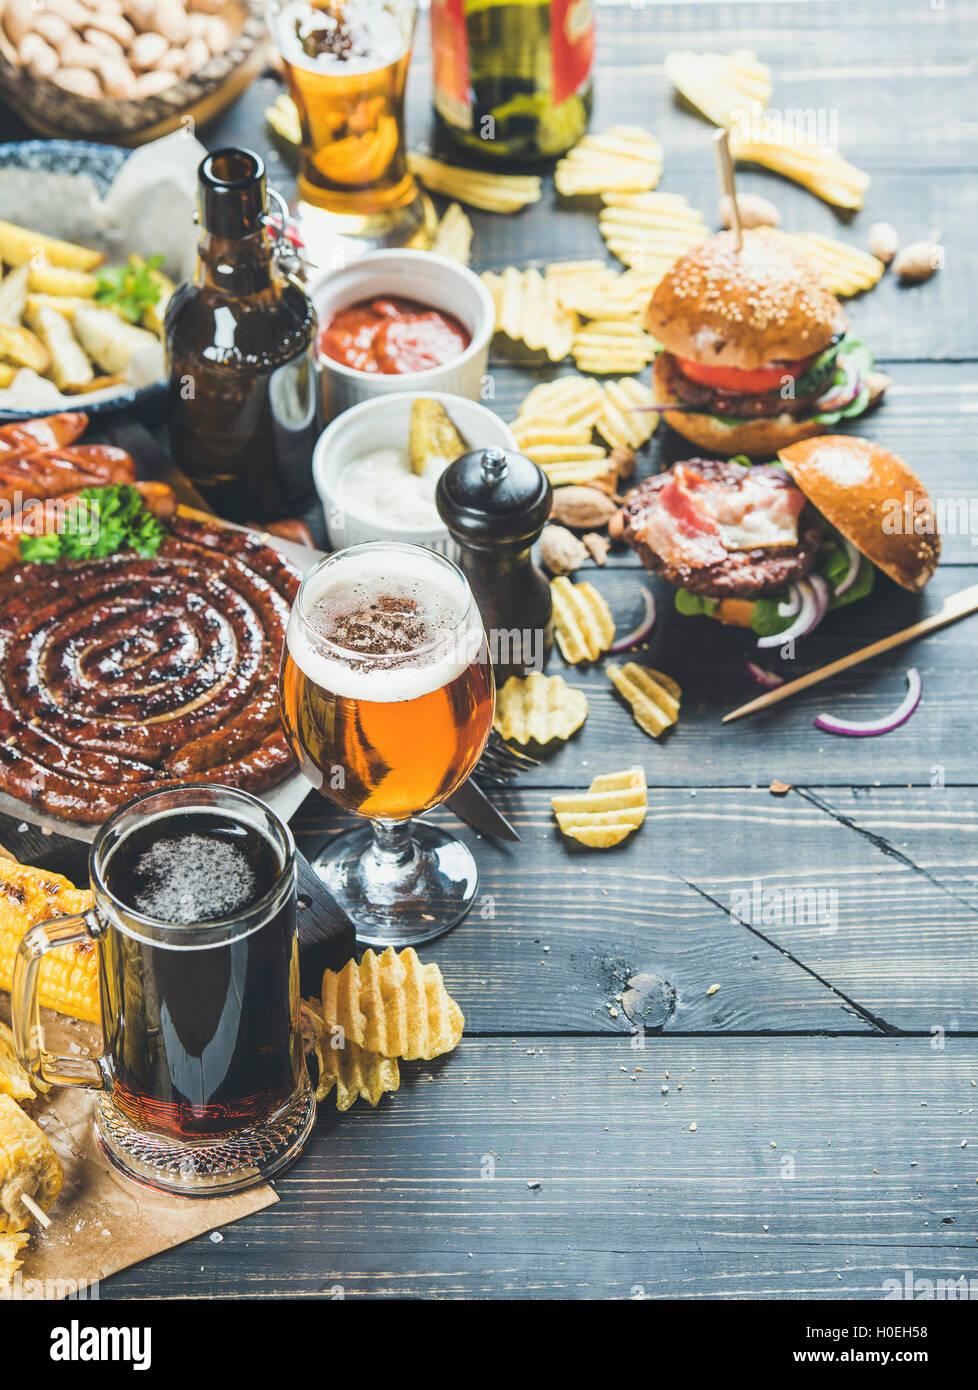 Birra e snack set. Oktoberfest cibo concetto di frame. Assortimento di birre, salsicce alla griglia, hamburger, Immagini Stock